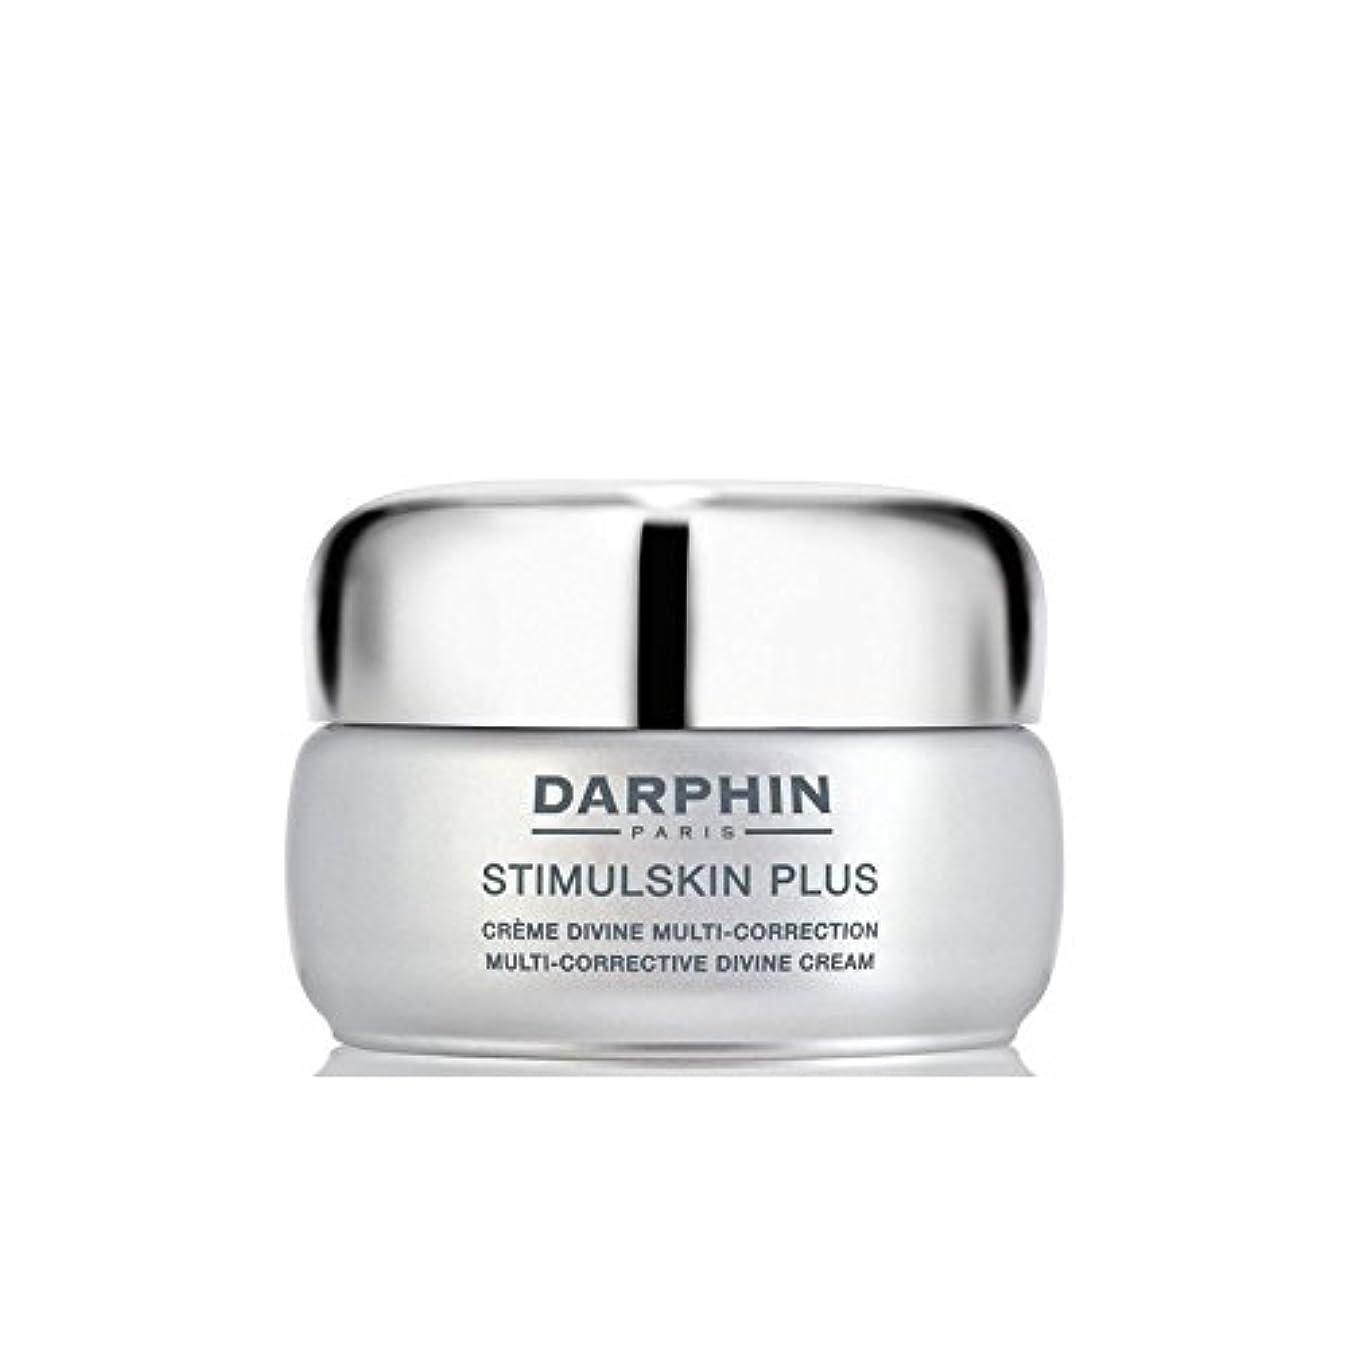 報いる特性アナウンサーダルファンスティプラスマルチ是正神のクリーム x2 - Darphin Stimulskin Plus Multi-Corrective Divine Cream (Pack of 2) [並行輸入品]